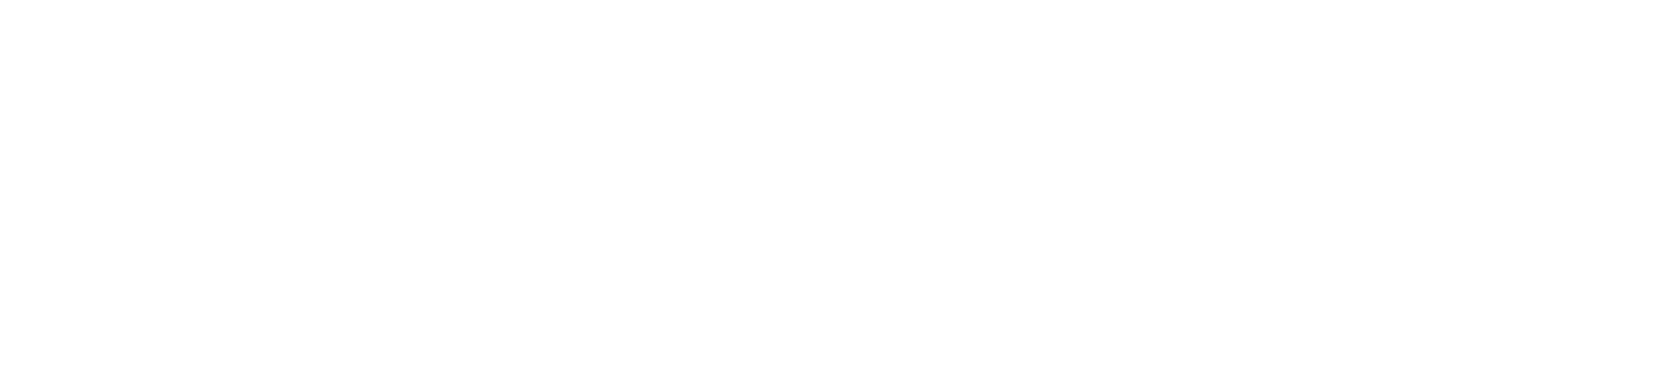 вебстудия.net logo